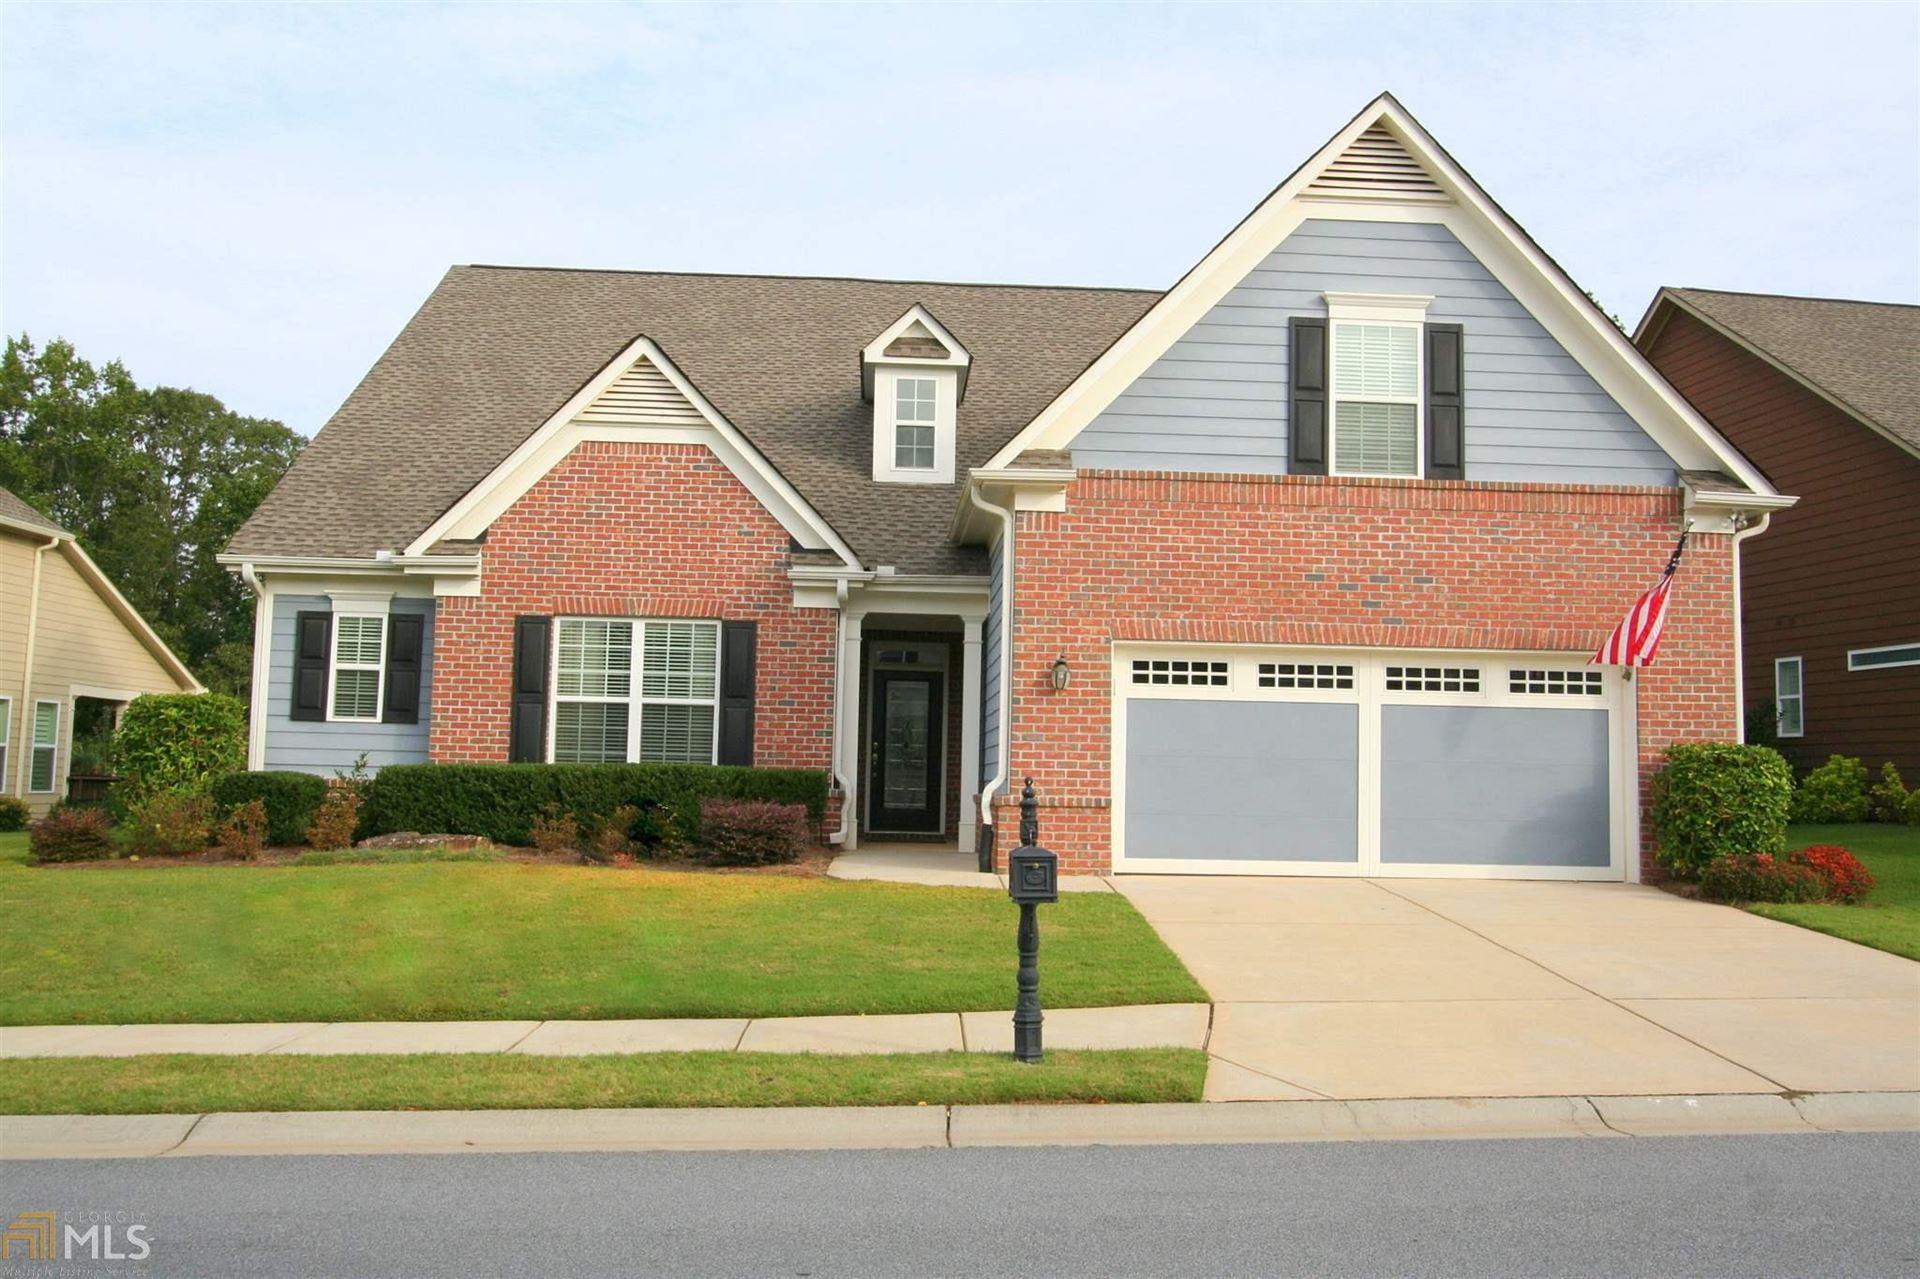 3760 Golden Leaf, Gainesville, GA 30504 - MLS#: 8859409